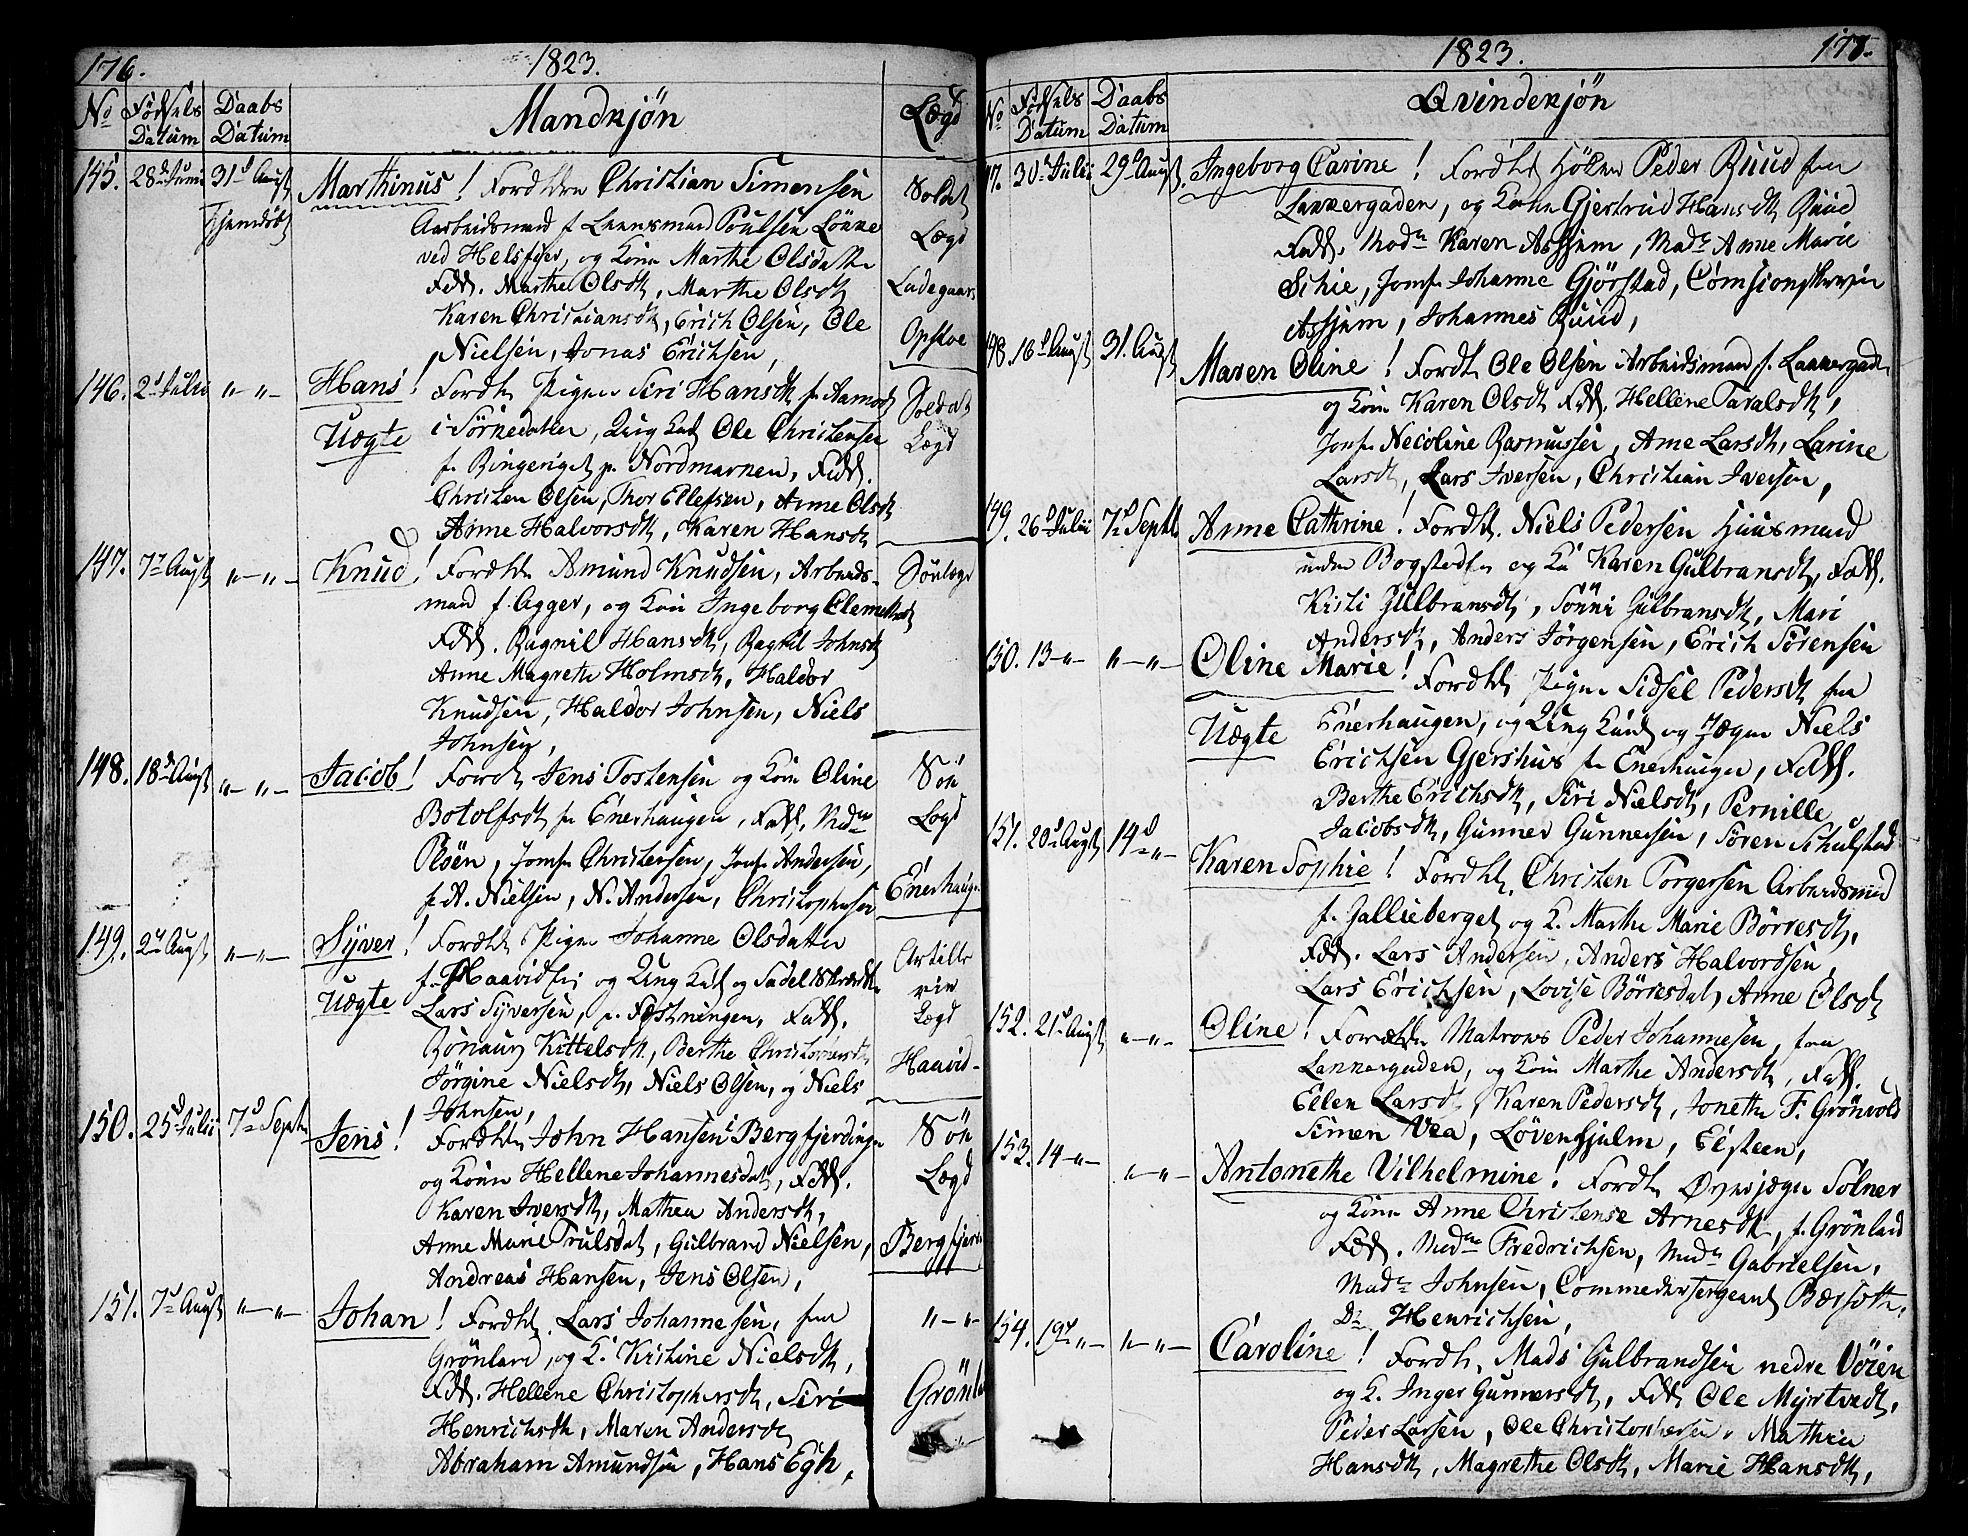 SAO, Aker prestekontor kirkebøker, G/L0004: Klokkerbok nr. 4, 1819-1829, s. 176-177